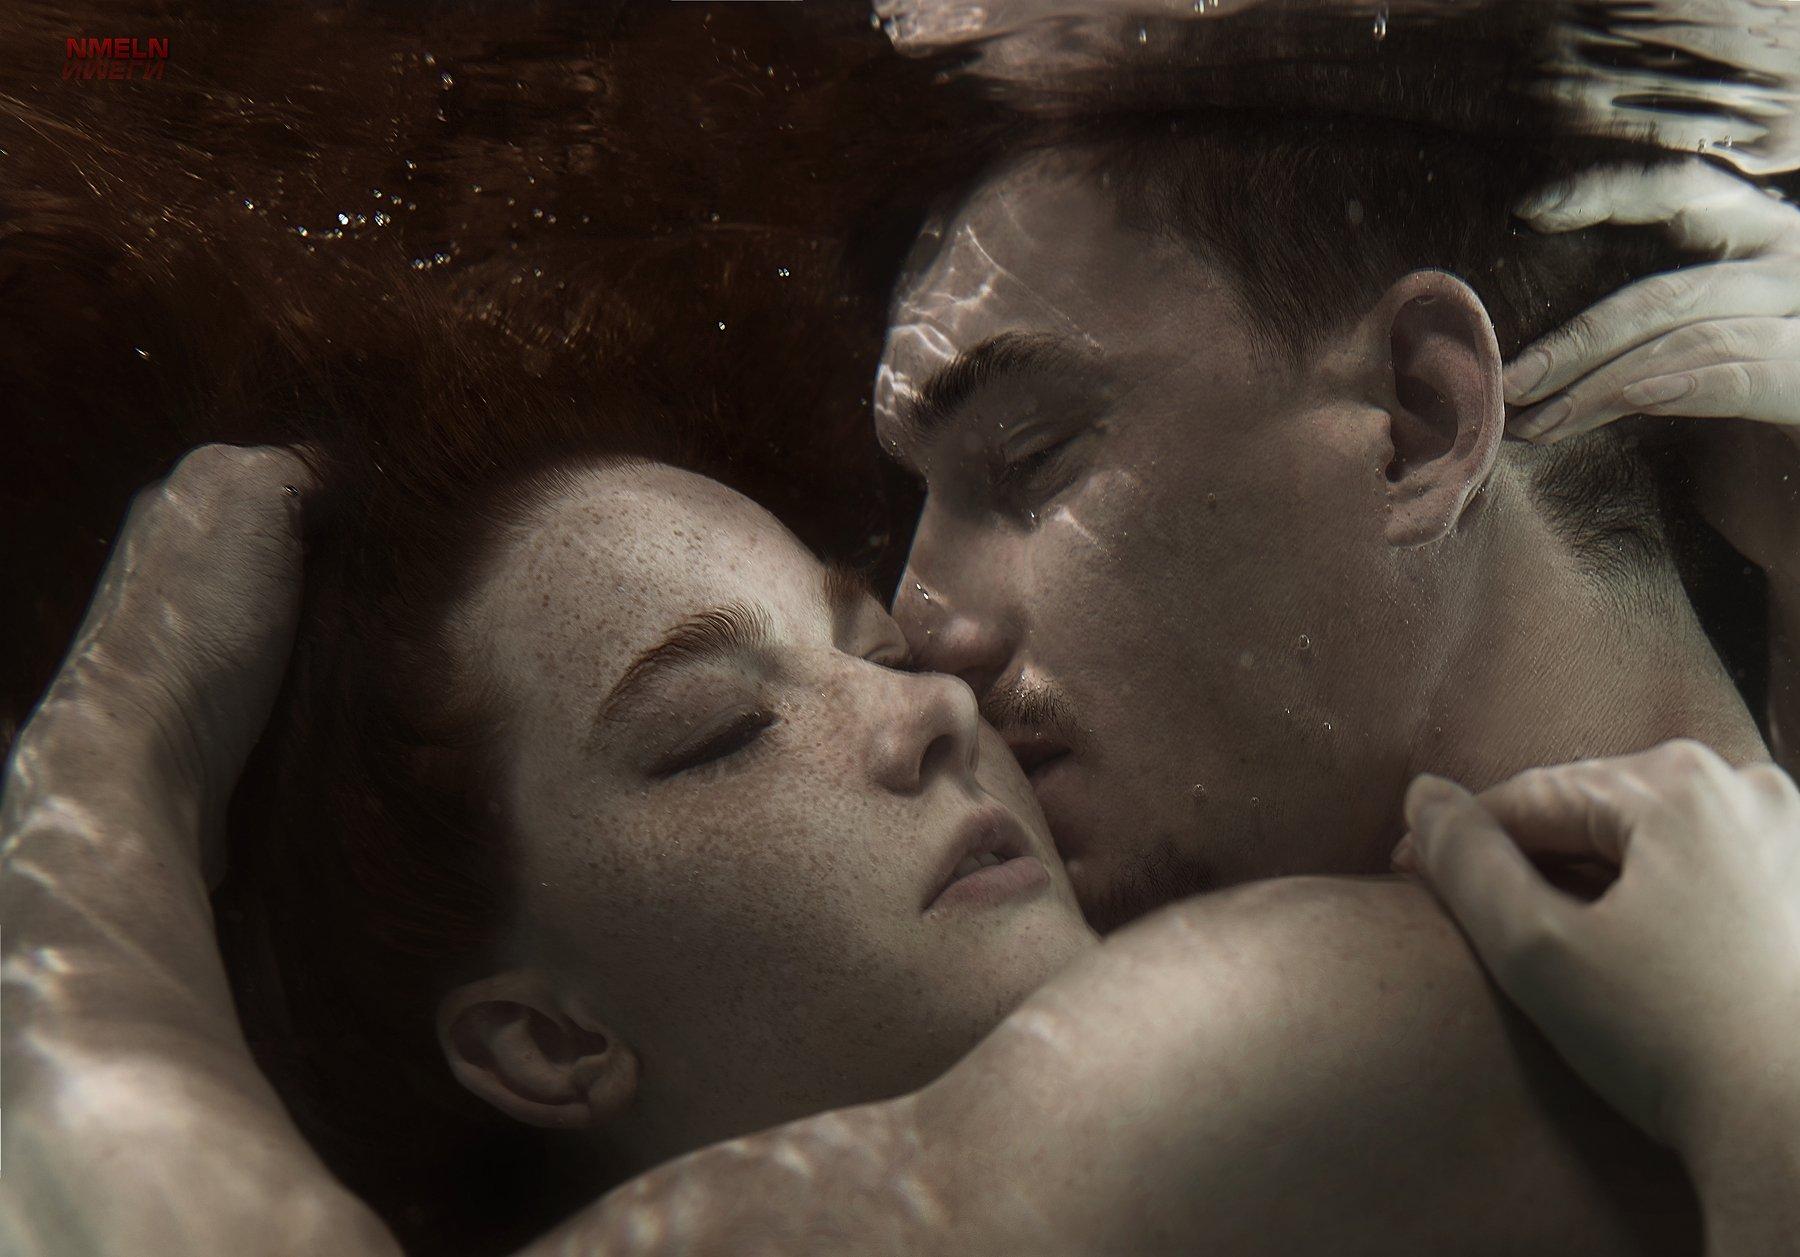 подводой, девушка, рыжая девушка, любовь, подводный фотограф, чувства, подводное фото, Ника Мельн